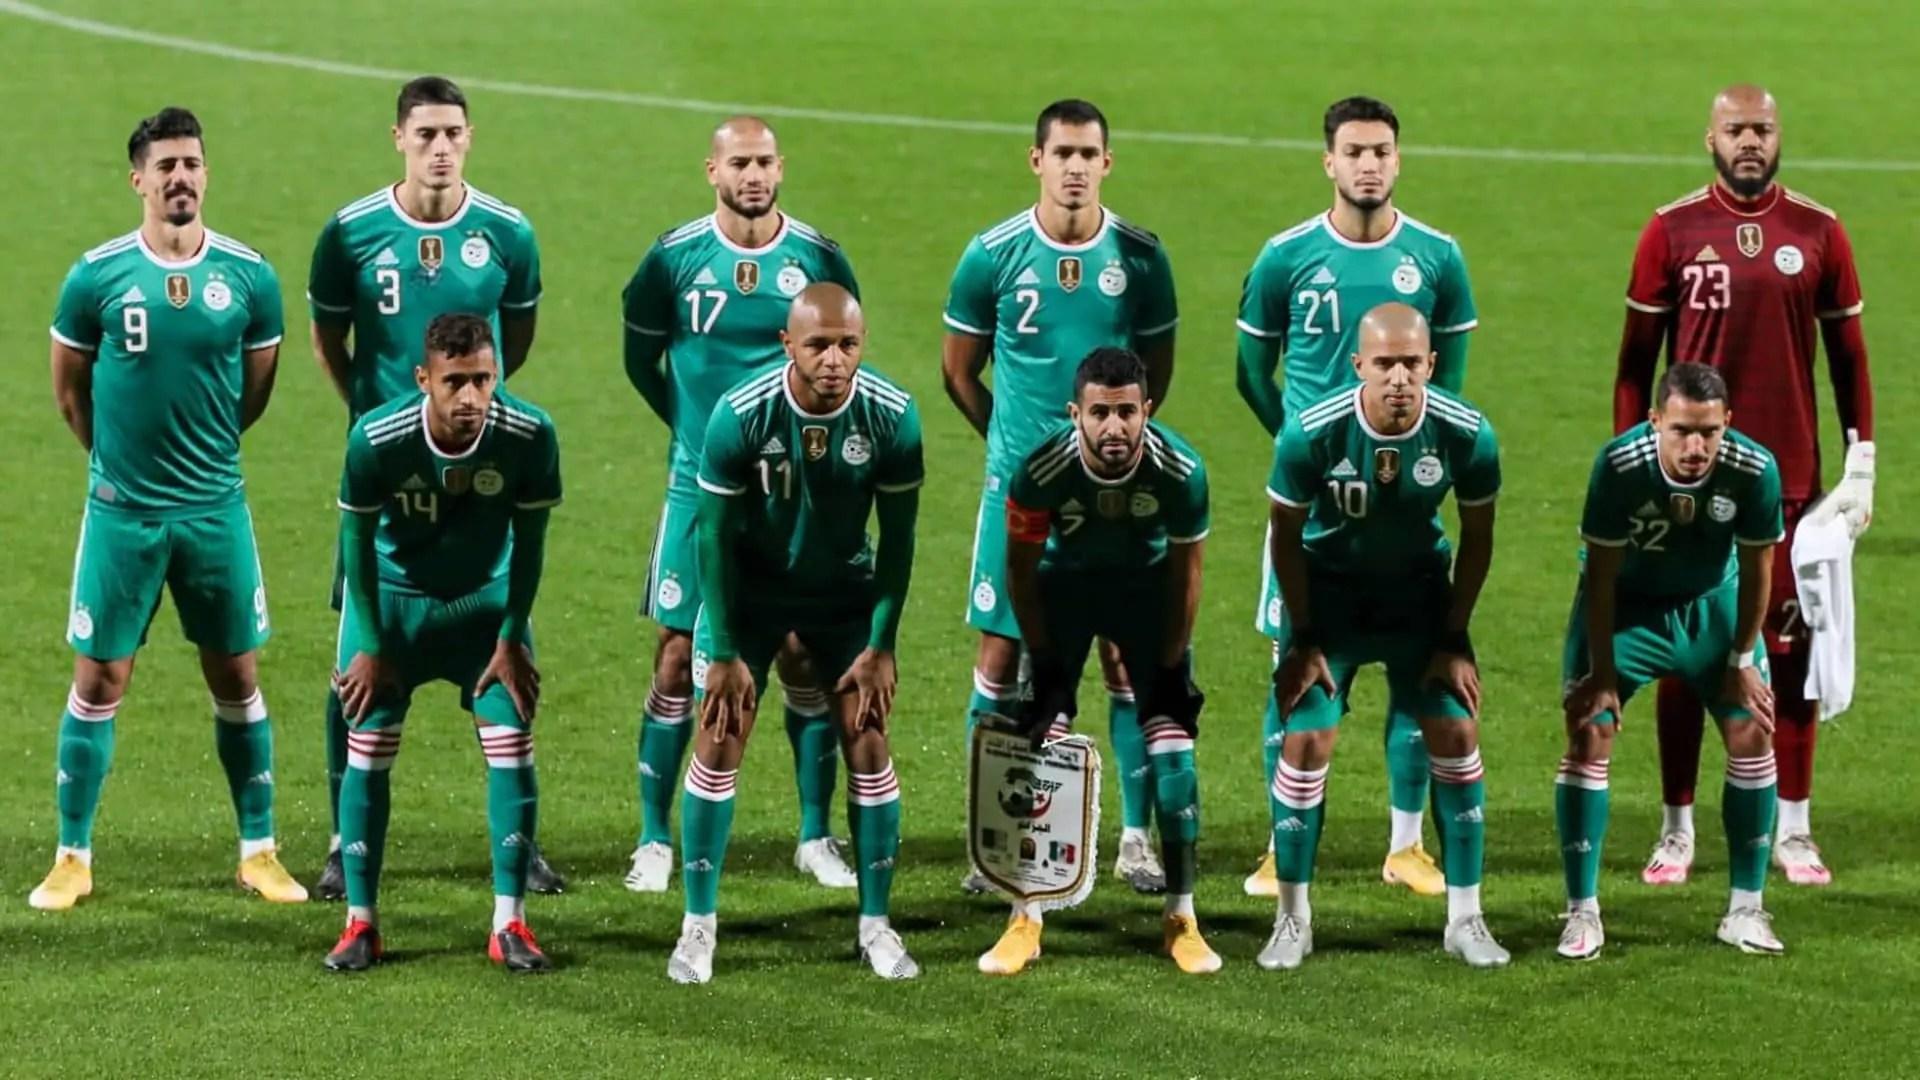 Calendrier Coupe Du Monde 2021 Foot Éliminatoires de la CAN et de la Coupe du monde : Le calendrier de